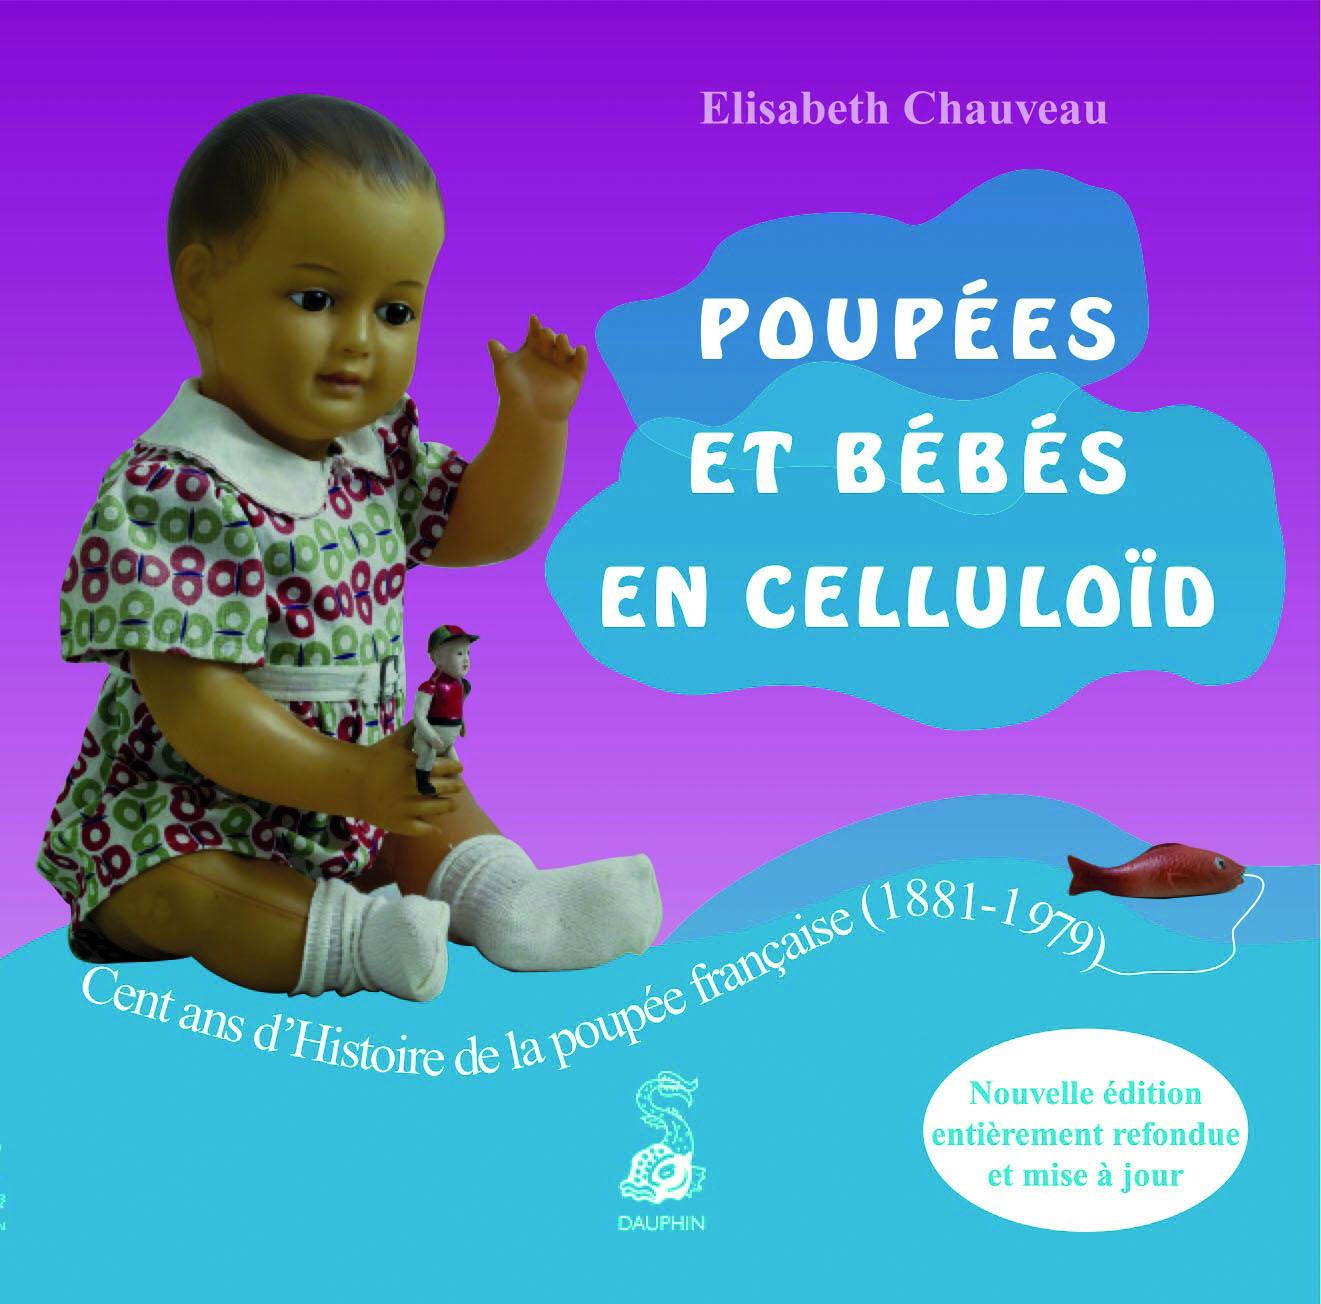 poupees-bebes-celluloid